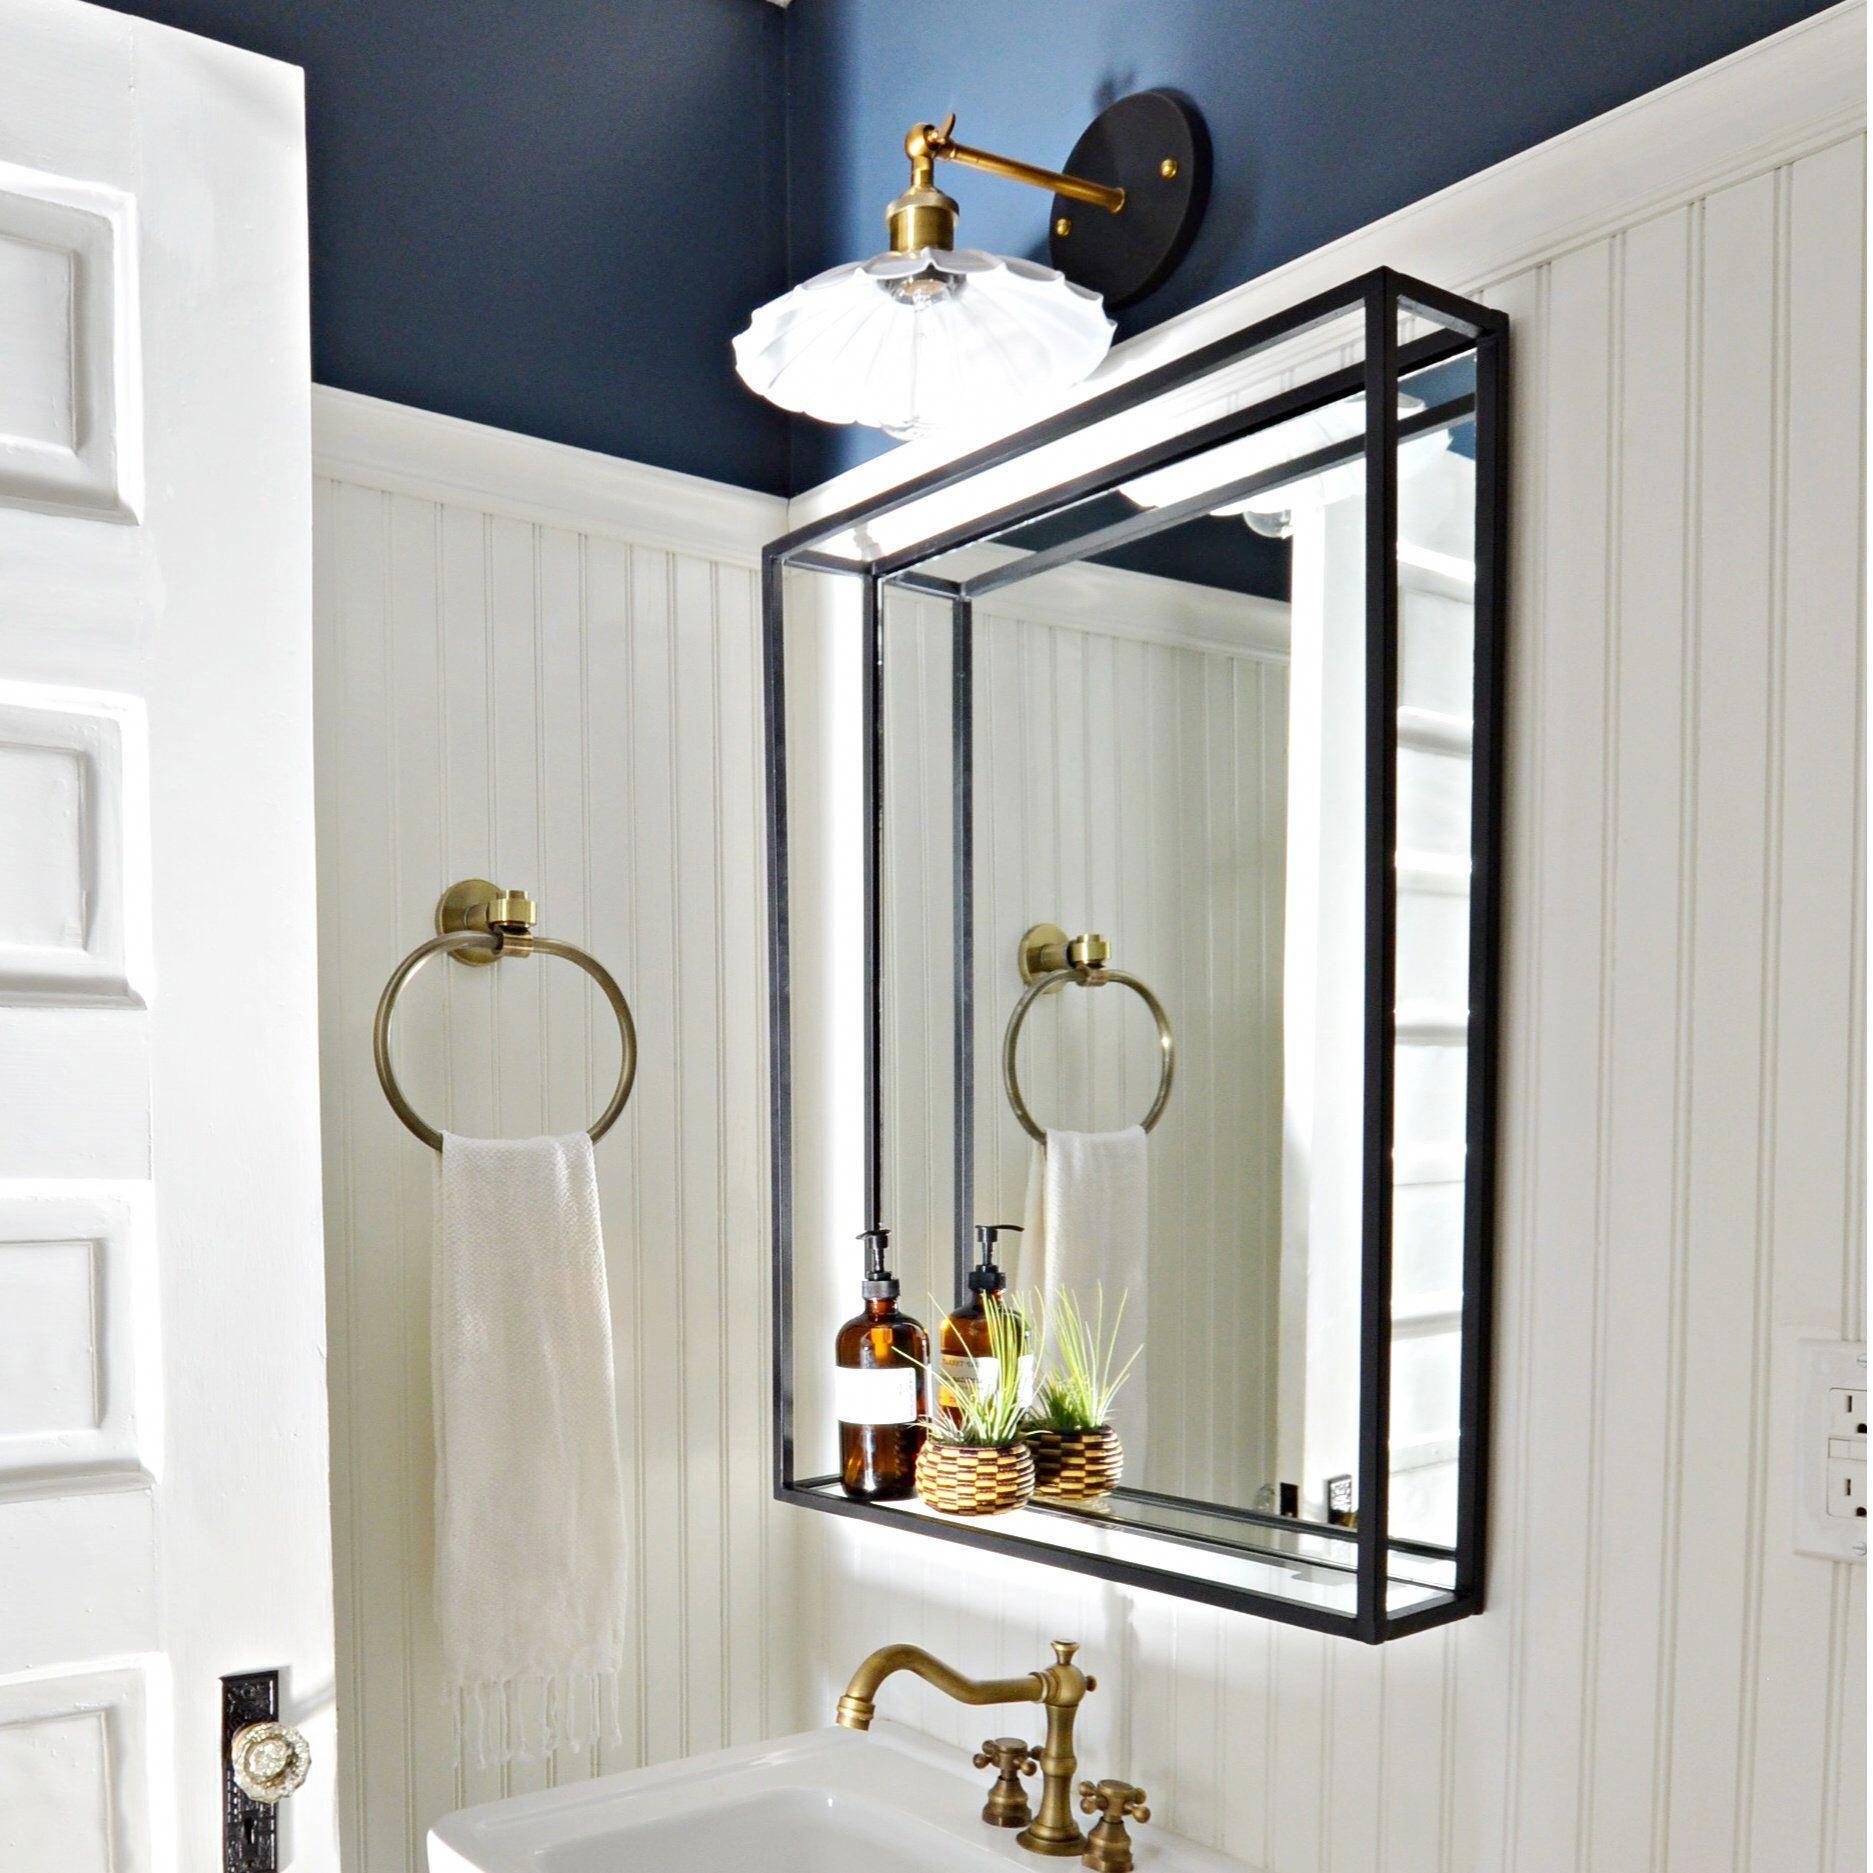 Bathroom Shelf Mirror Modern Industrial Black Steel Metal Framed Bathroom Mirror With Shelf Custom Handmade To Order Espelhos Industriais Decoracao Banheiro Espelho Para Banheiro